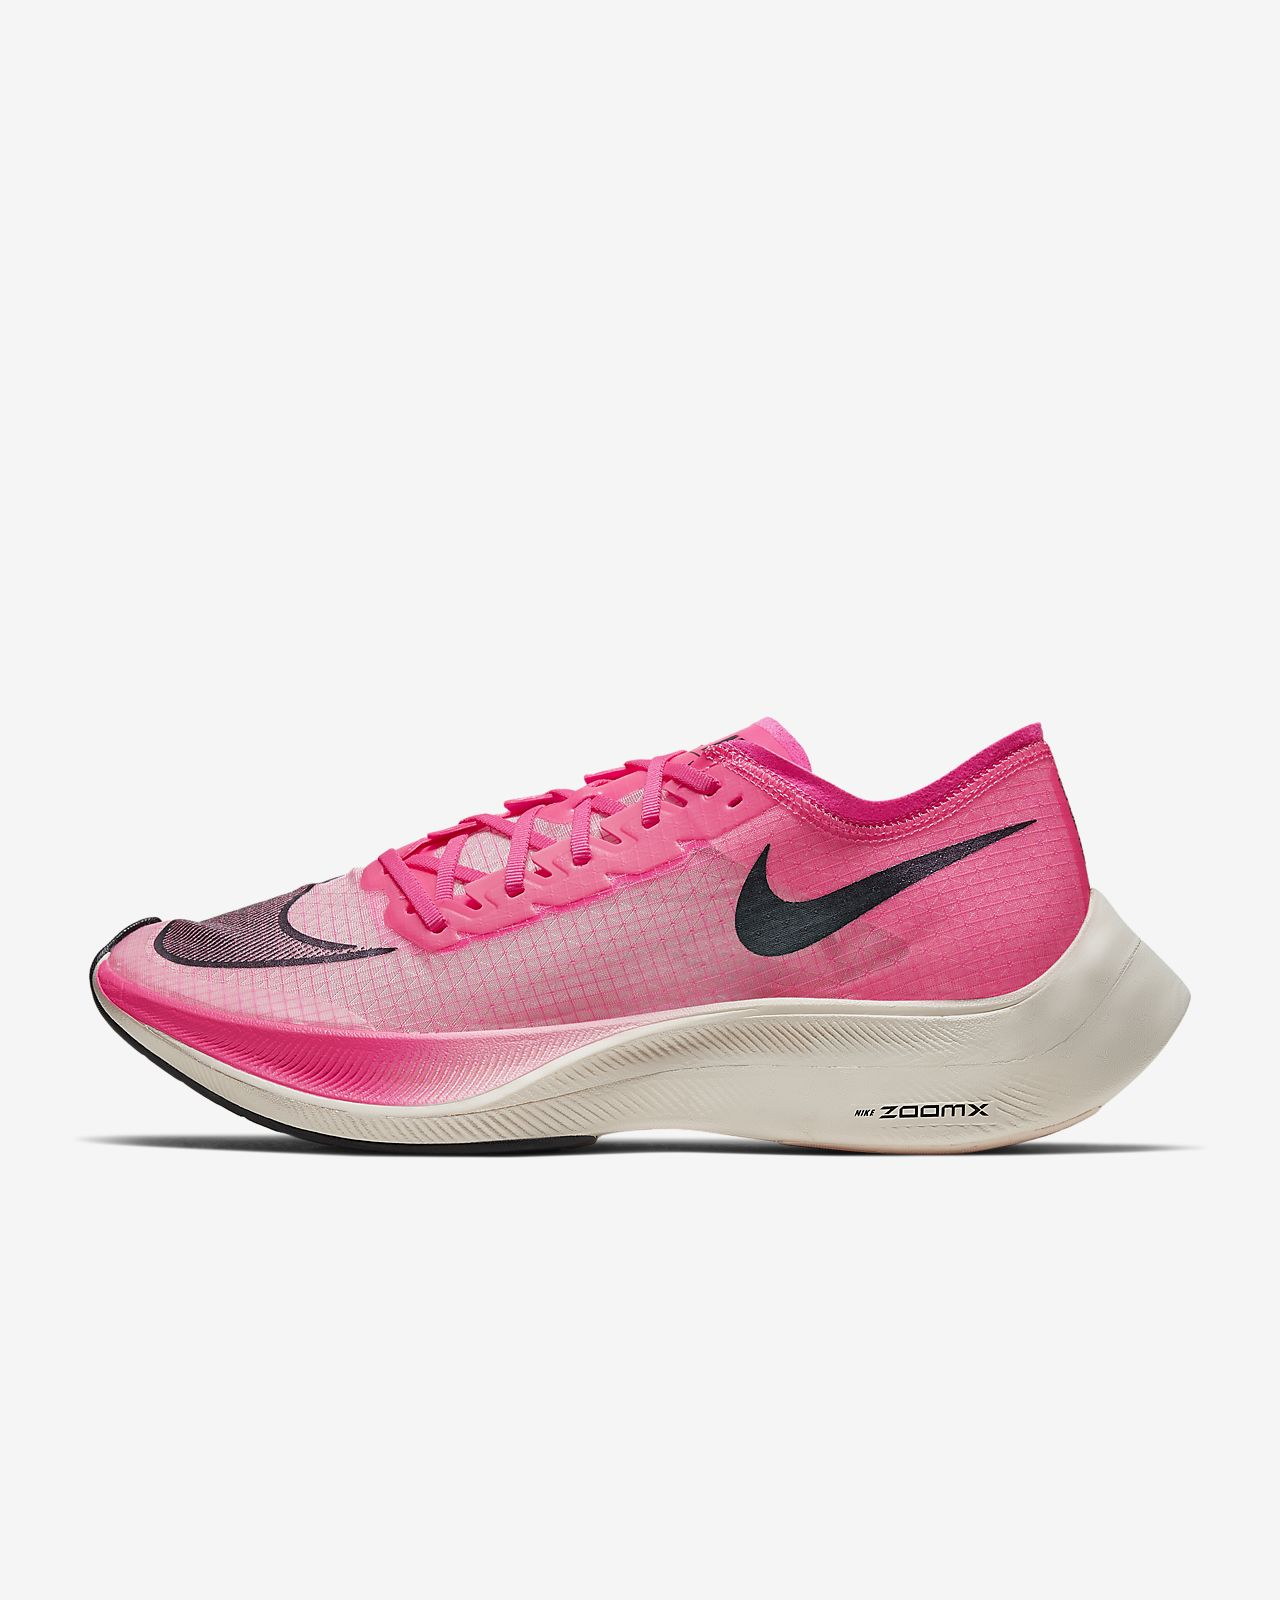 ZoomX Shoe Nike NEXTRunning Vaporfly torBhdxsQC